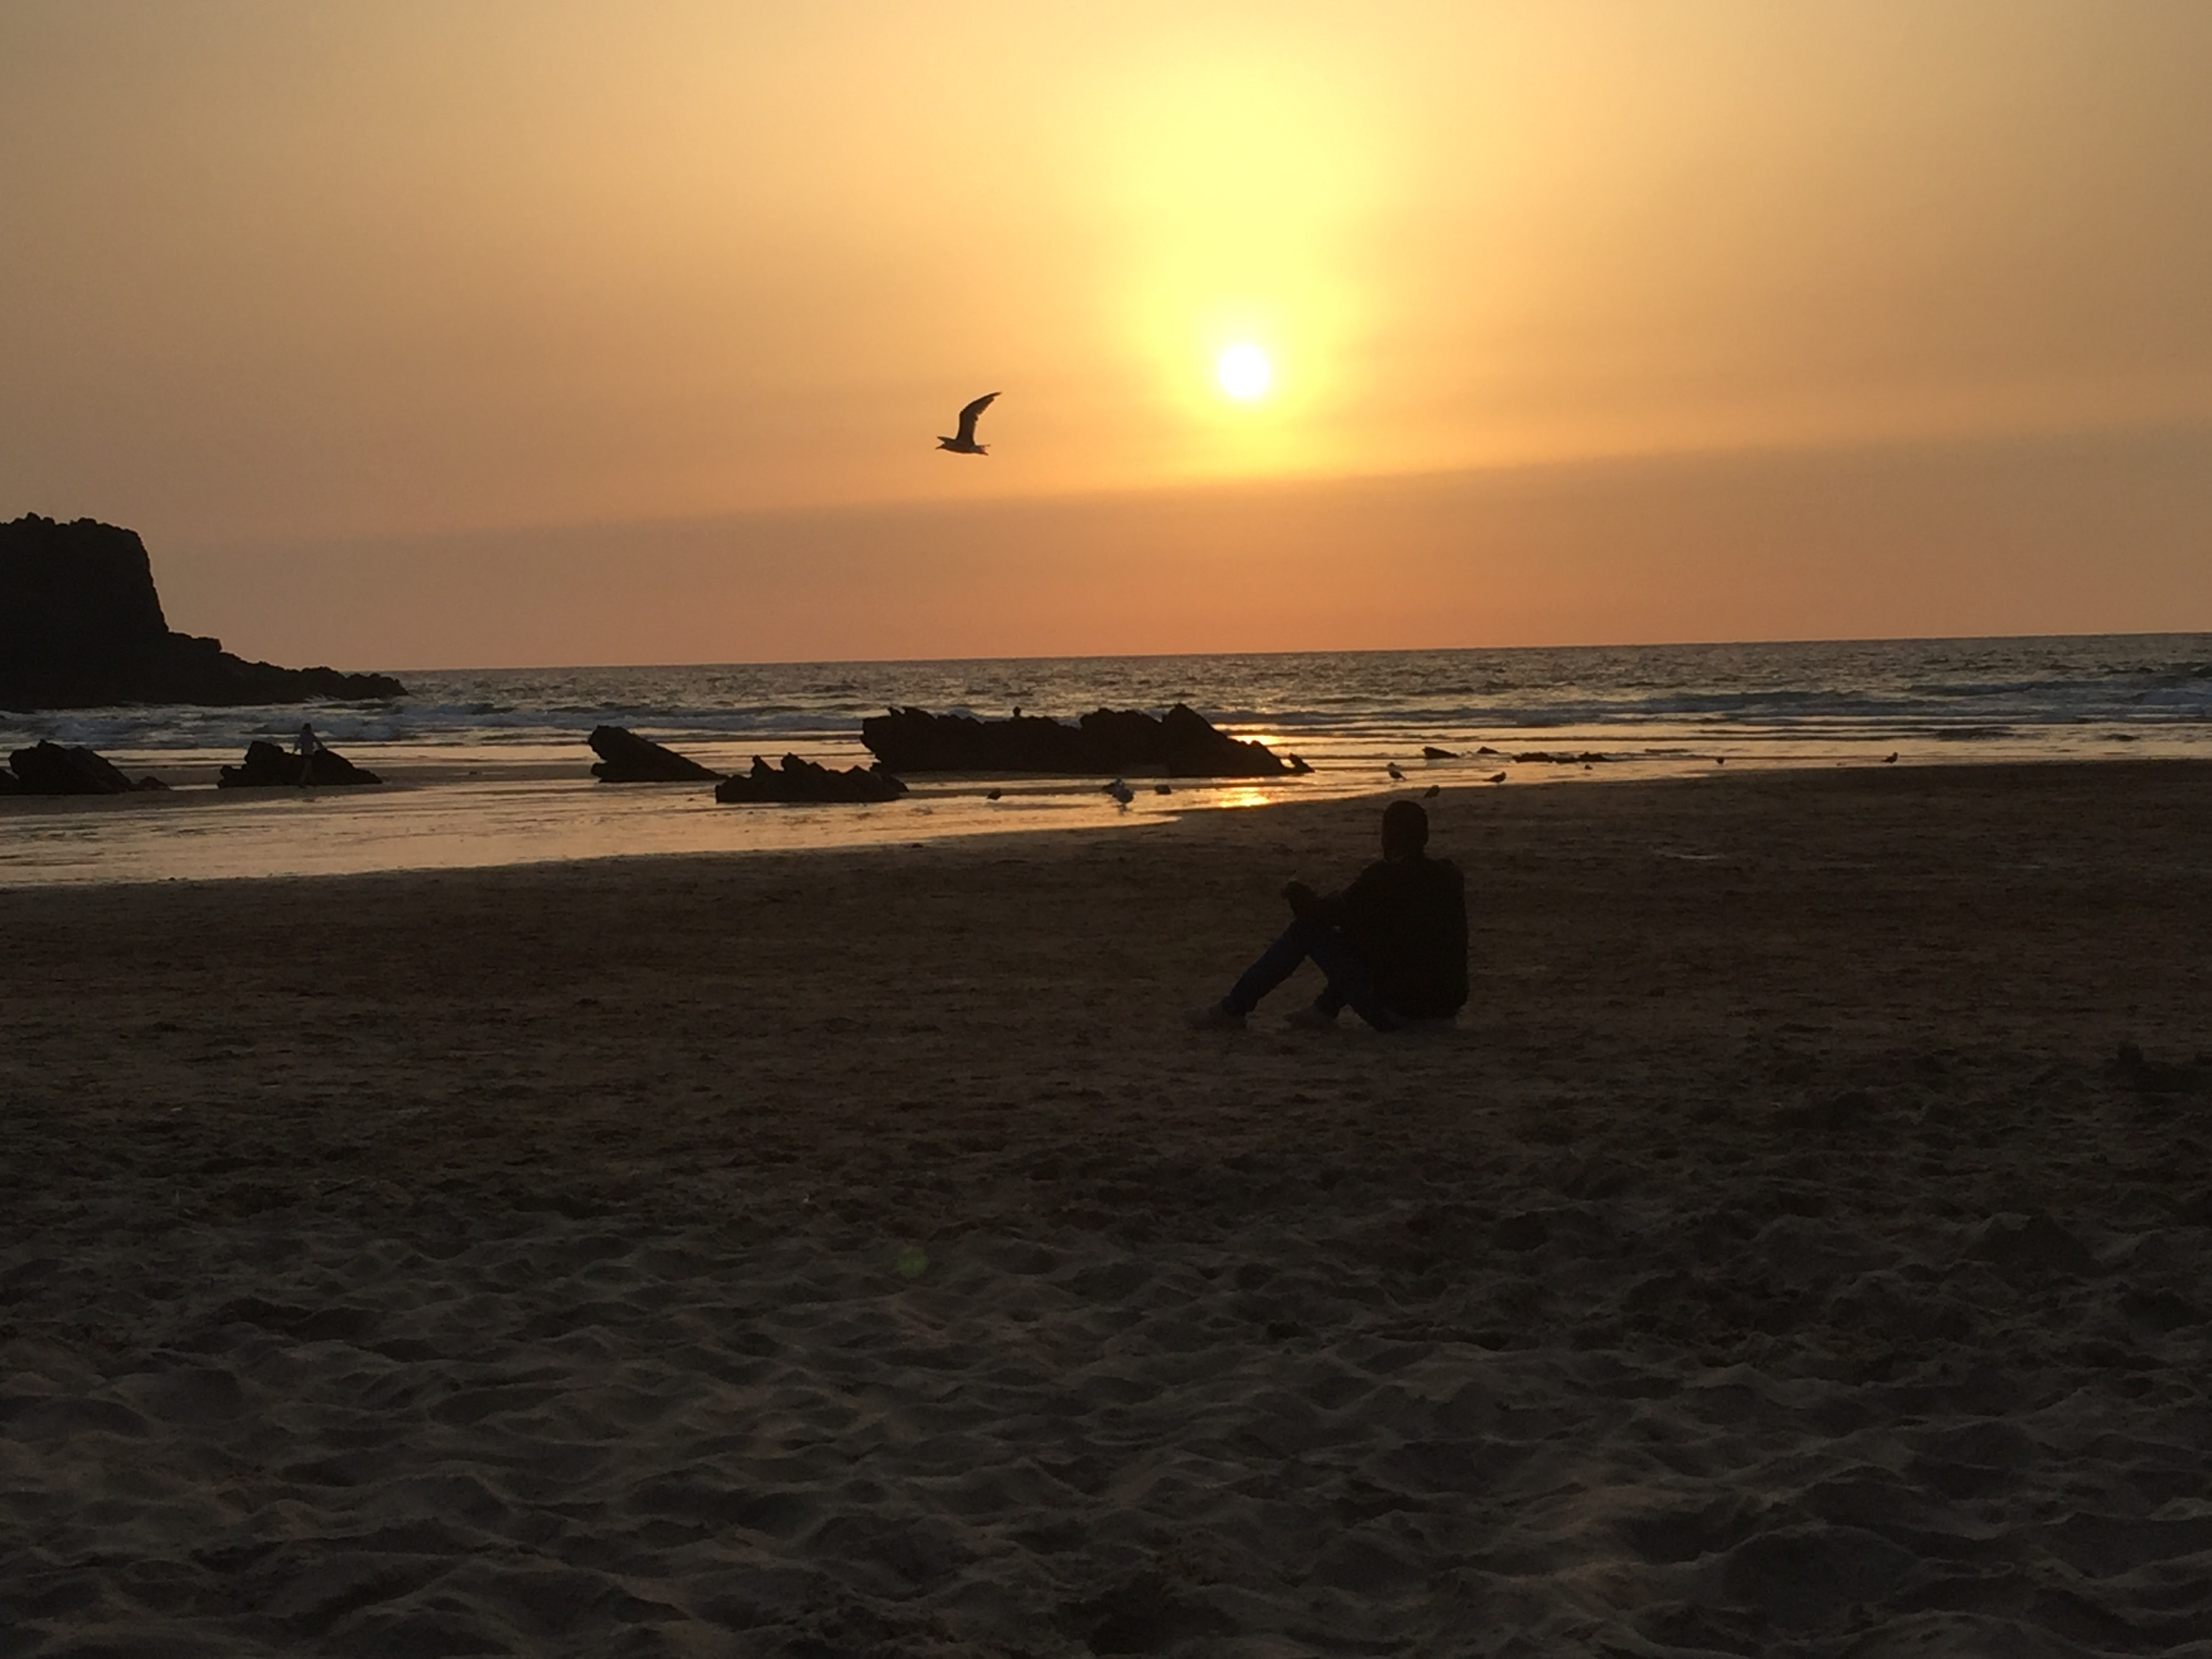 sunset-zambujeira